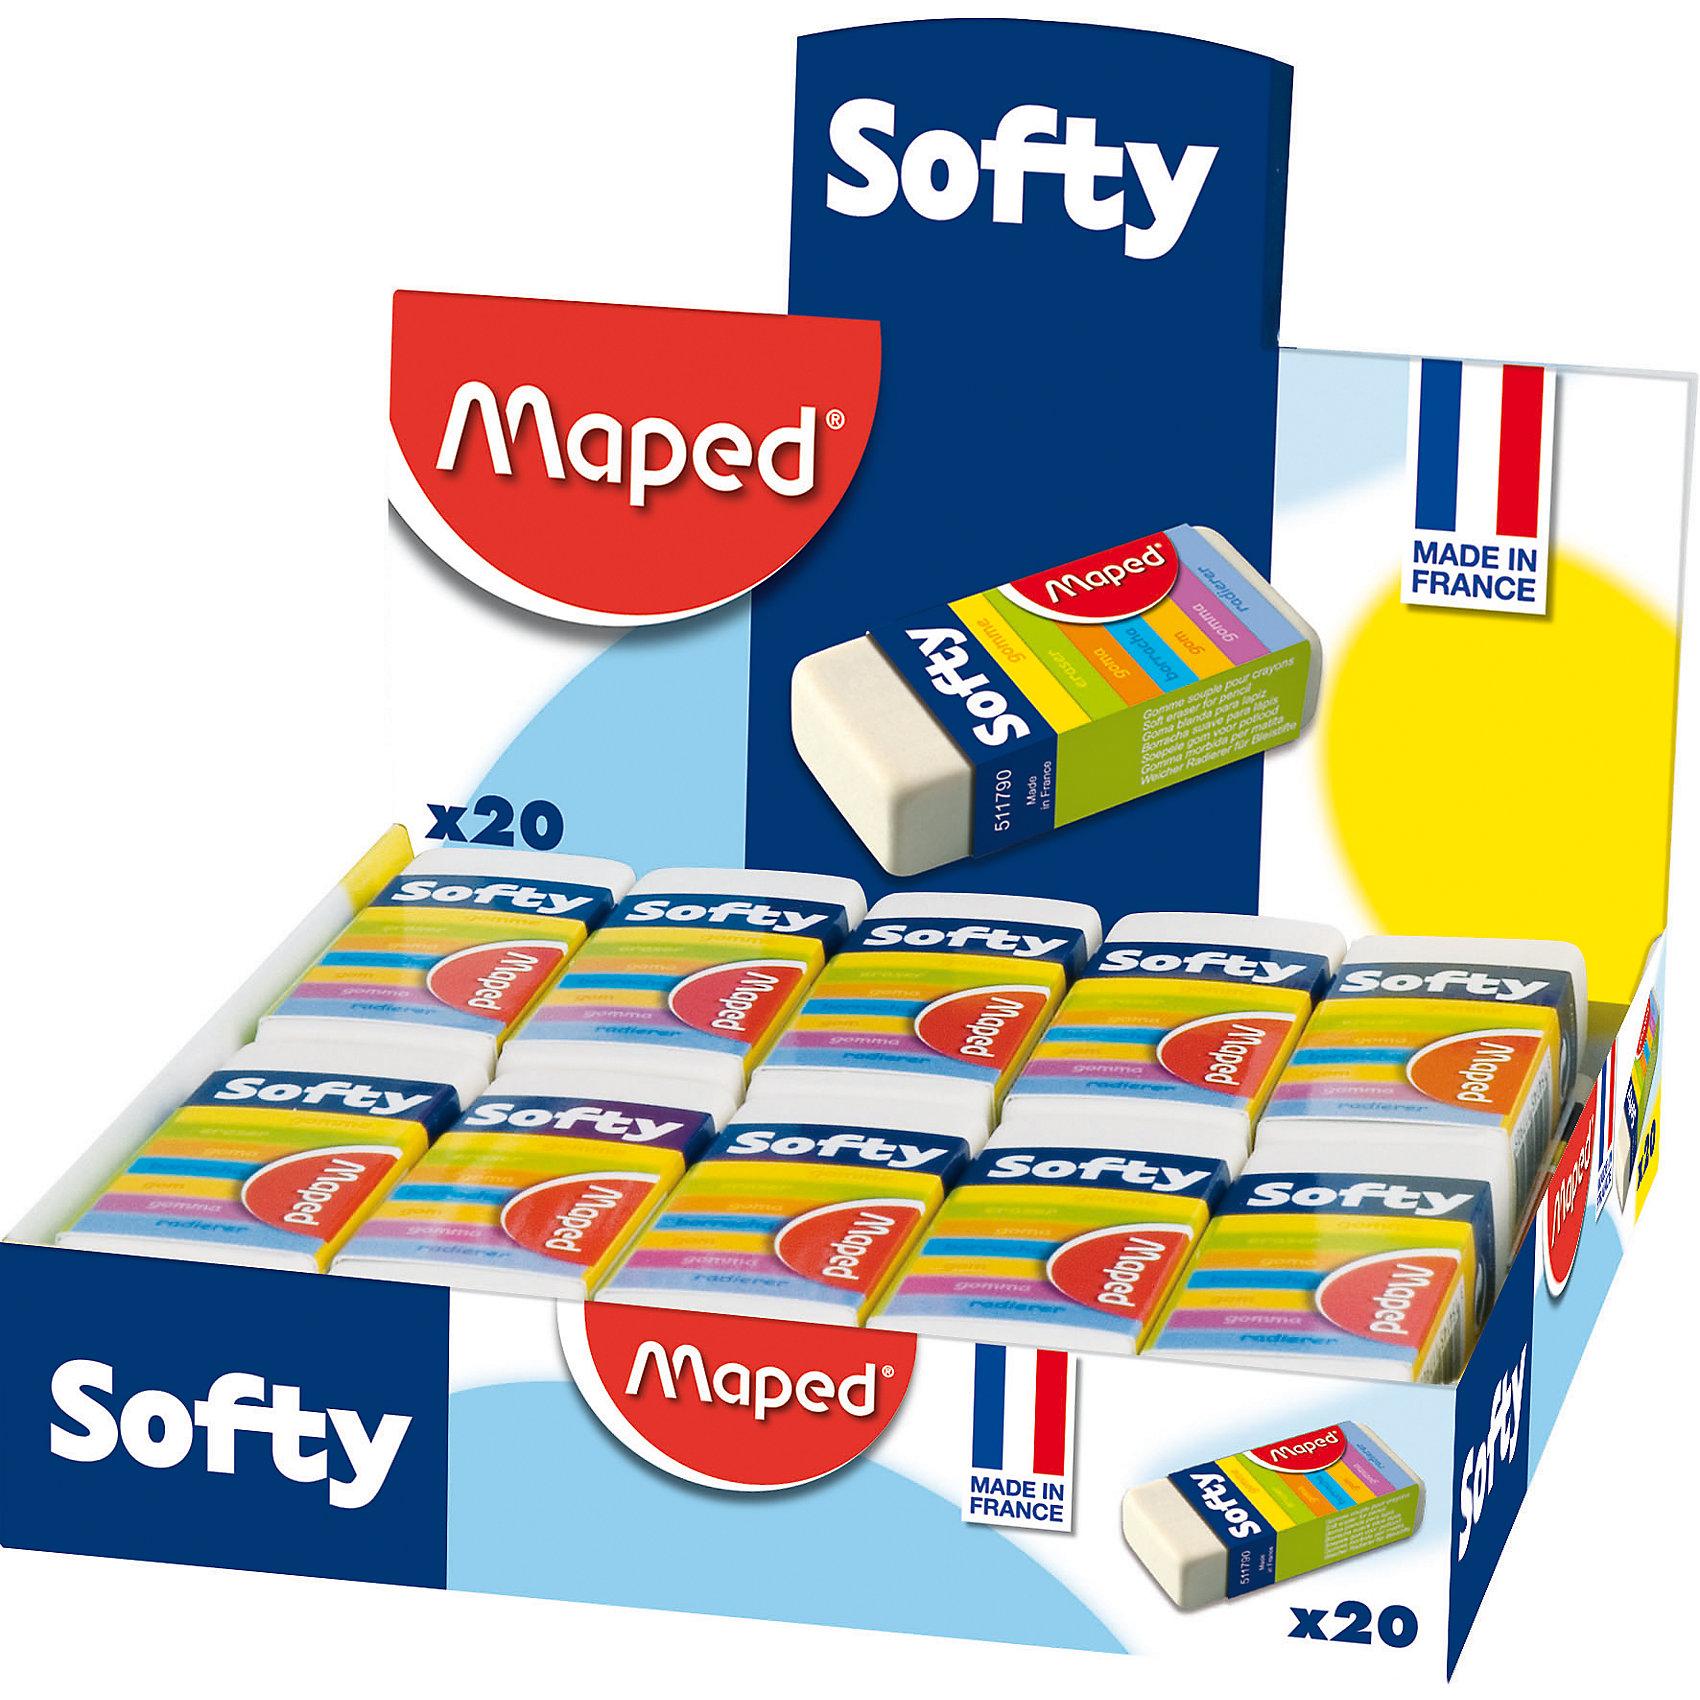 Ластик SOFTY мягкий, в футляре, MAPEDЧертежные принадлежности<br>Ластик SOFTY мягкий, в футляре, MAPED (МАПЕД).<br><br>Характеристики:<br><br>• Для детей в возрасте: от 3 лет<br>• В наборе: 1 ластик<br>• Цвет: белый<br>• Размер упаковки: 23х55х12 мм.<br><br>Ластик SOFTYот  MAPED (МАПЕД) в картонном футляре незаменим для использования дома, в школе и офисе. Мягкая структура ластика обеспечивает комфортное стирание.<br><br>Ластик SOFTY мягкий, в футляре, MAPED (МАПЕД) можно купить в нашем интернет-магазине.<br><br>Ширина мм: 56<br>Глубина мм: 23<br>Высота мм: 126<br>Вес г: 28<br>Возраст от месяцев: 36<br>Возраст до месяцев: 2147483647<br>Пол: Унисекс<br>Возраст: Детский<br>SKU: 5530032